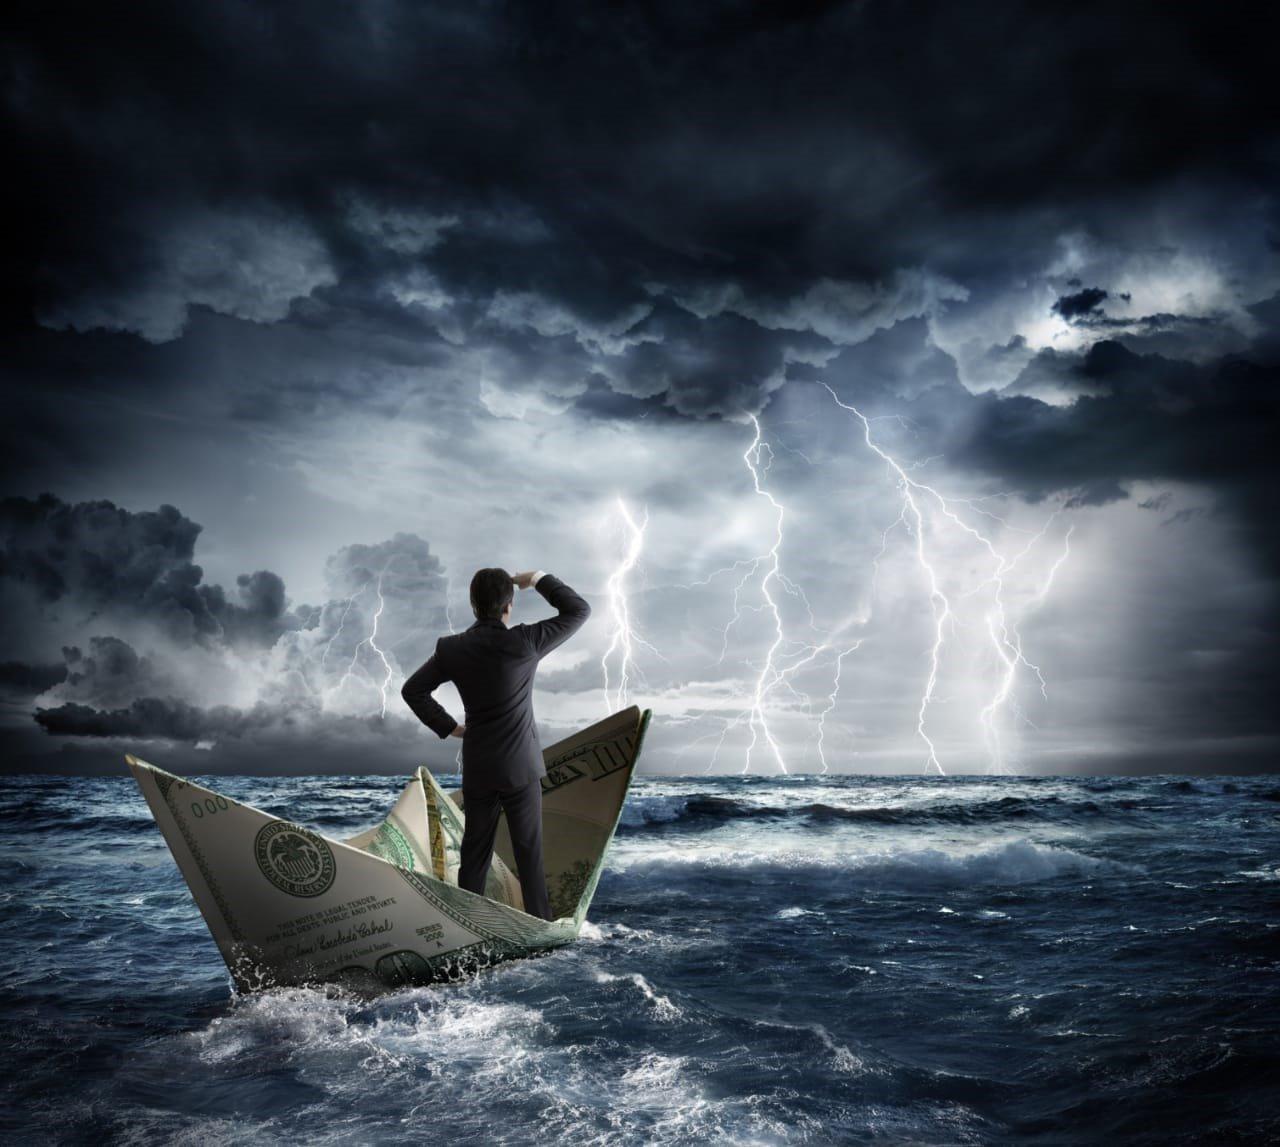 Improvisación y marea en contra: un rumbo indefinido